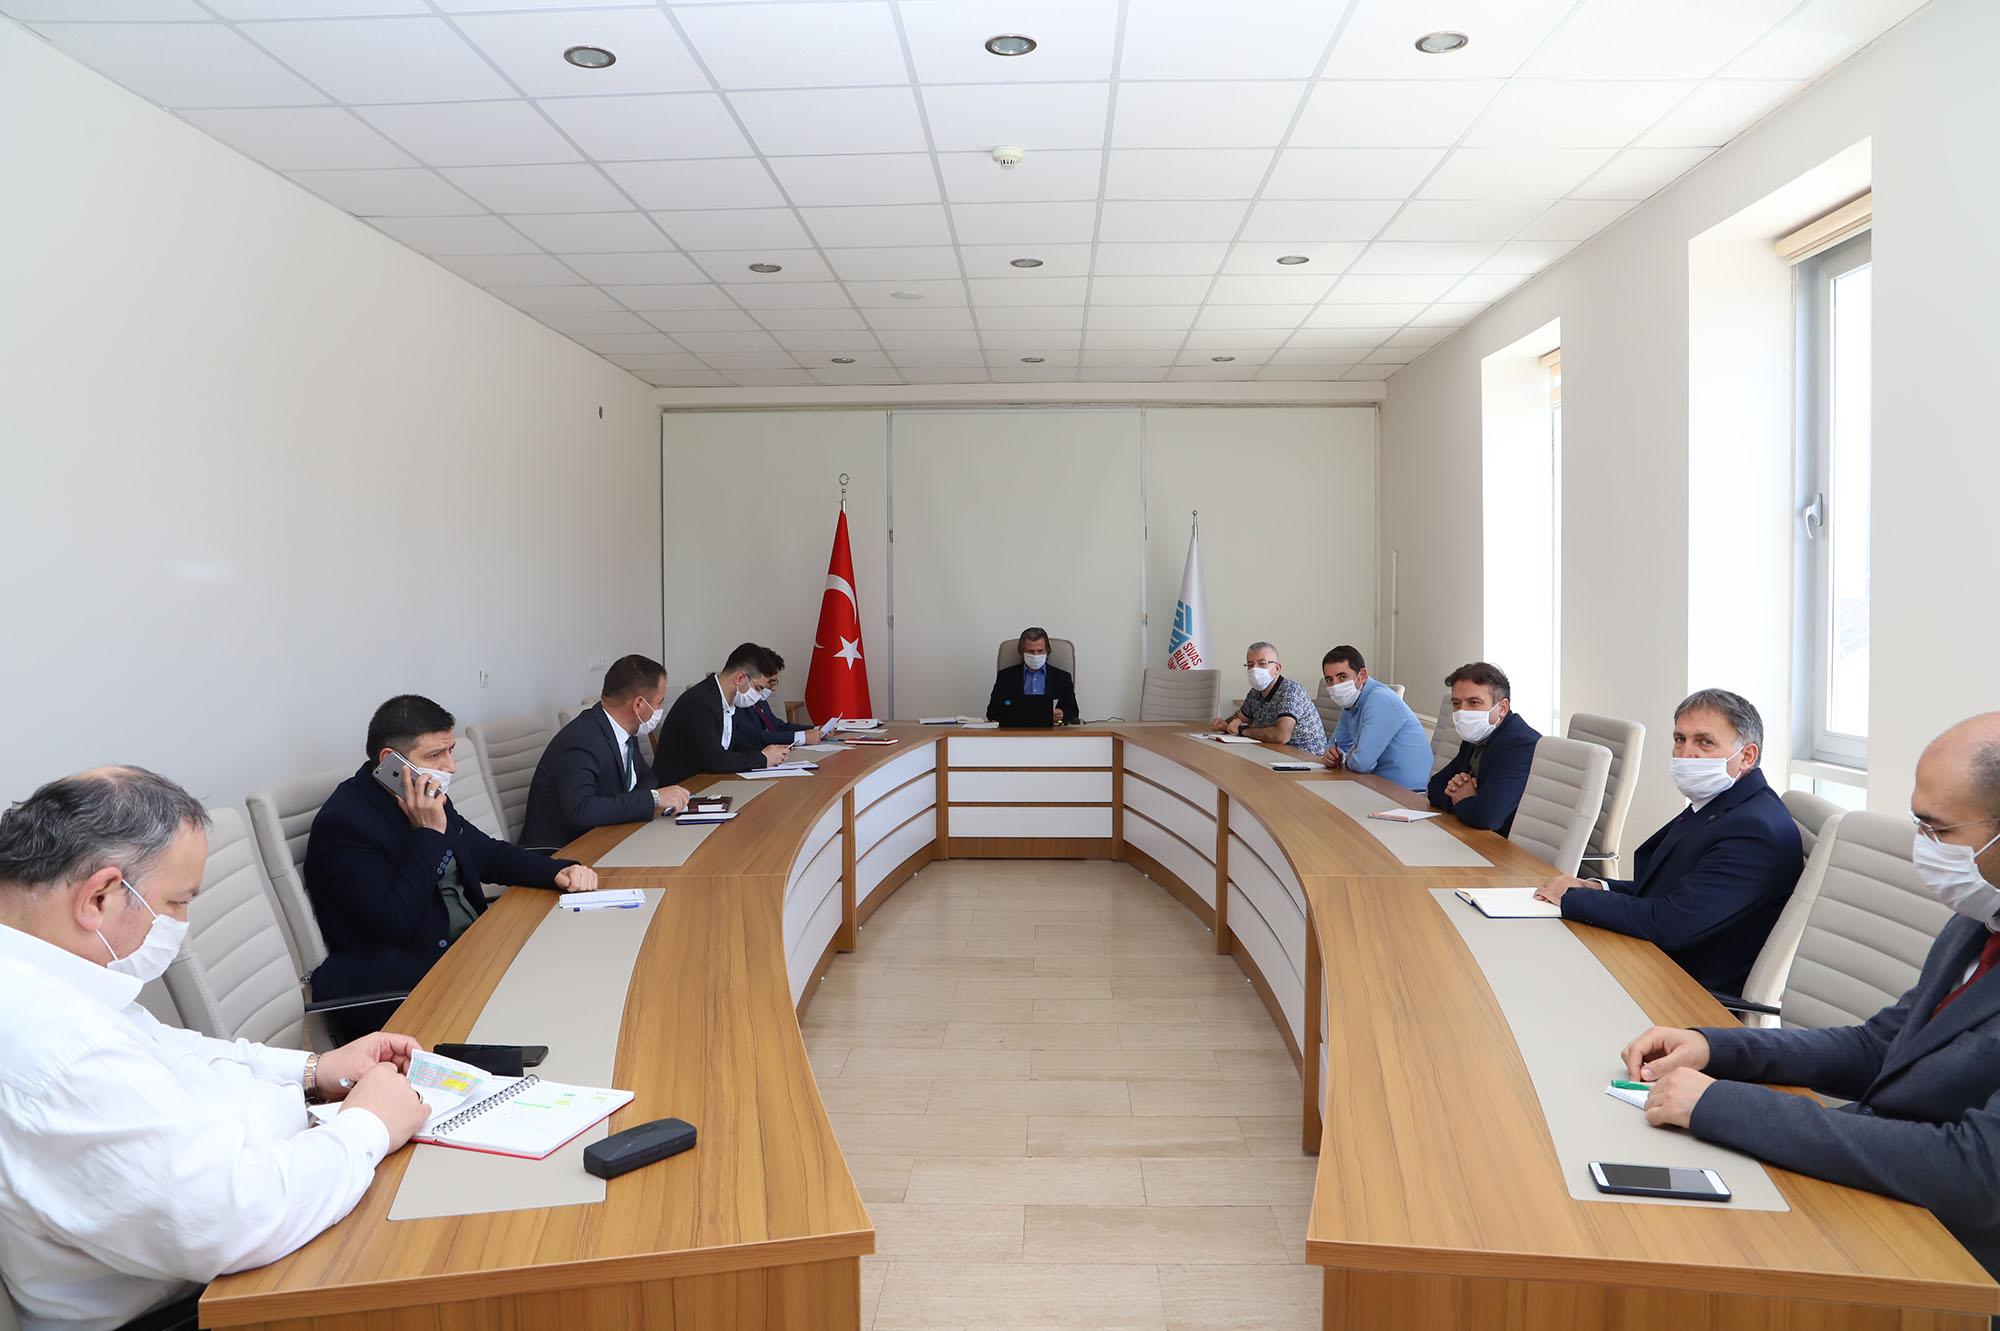 İdari Birim Amirleri Toplantısı 7'nci Oturumu Gerçekleştirildi